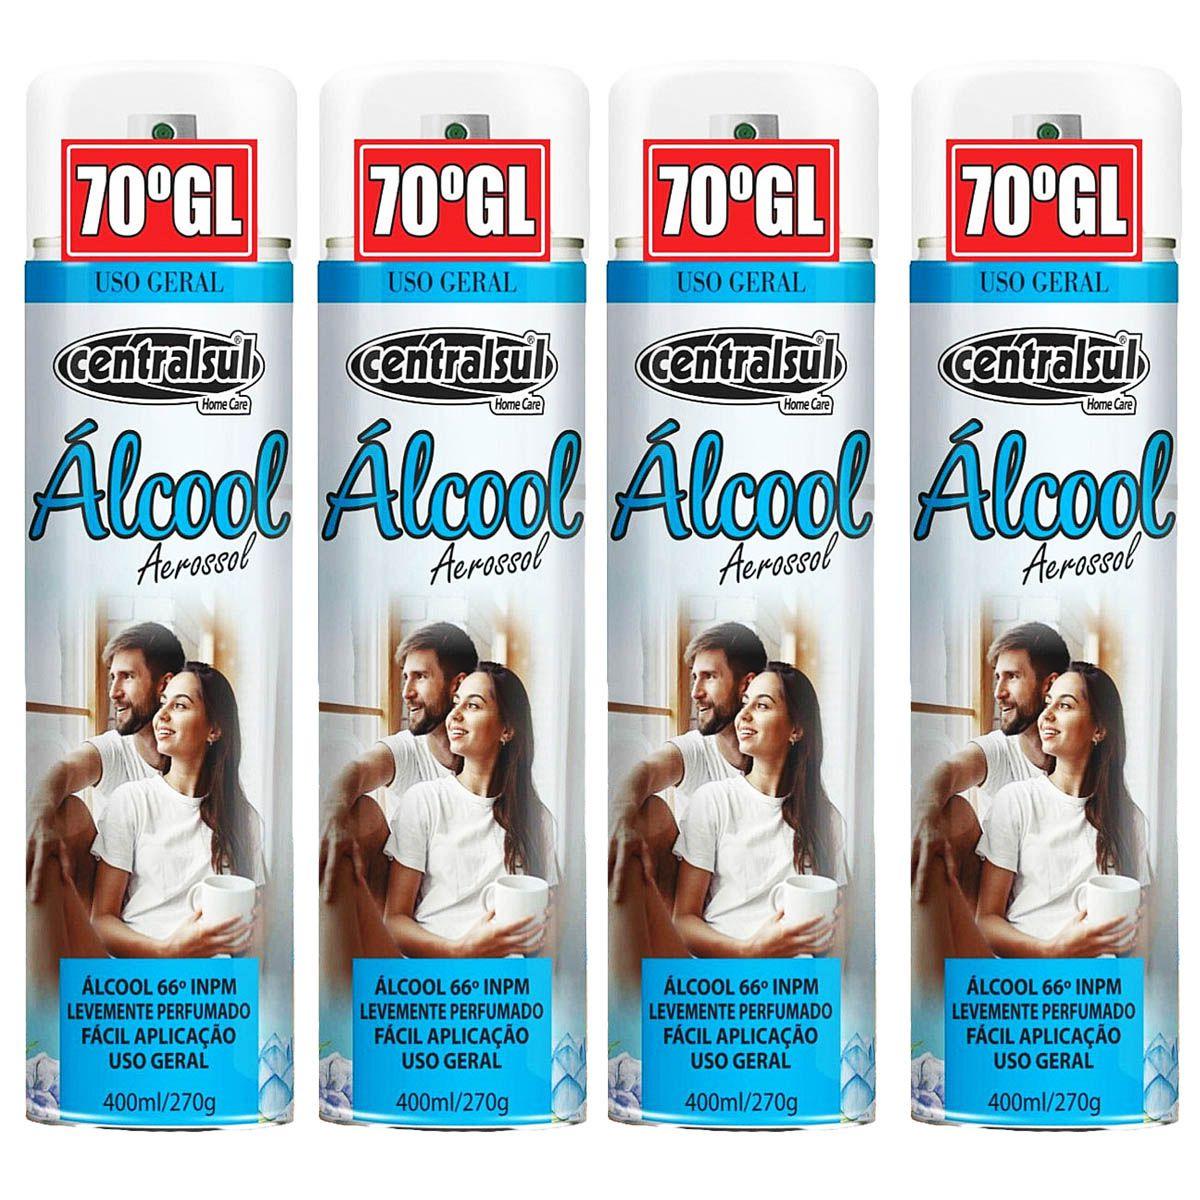 Kit Álcool 70 GL Aerosol 400ml Centralsul 4 Unidades